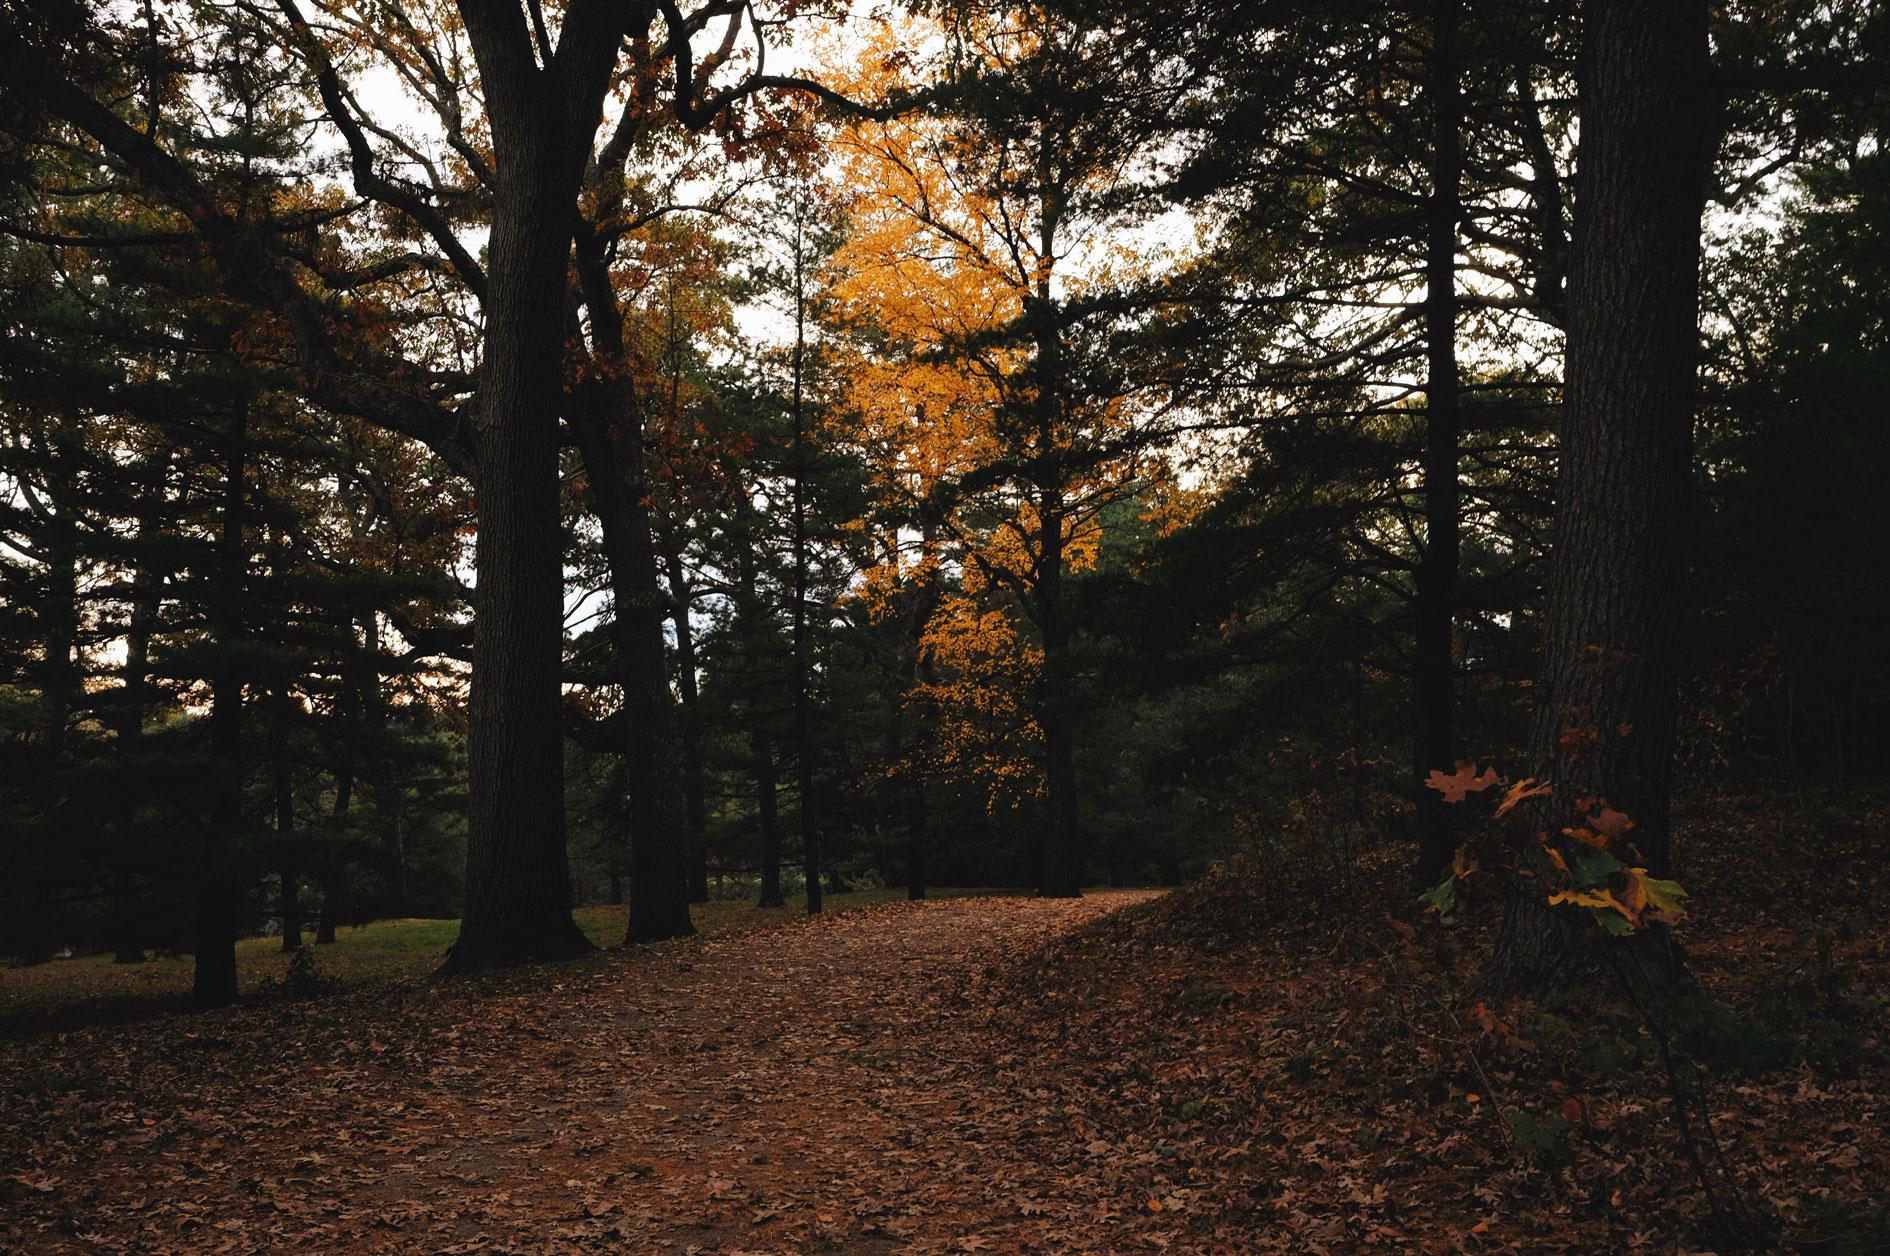 2017_Boston_Arboretum_Foliage3